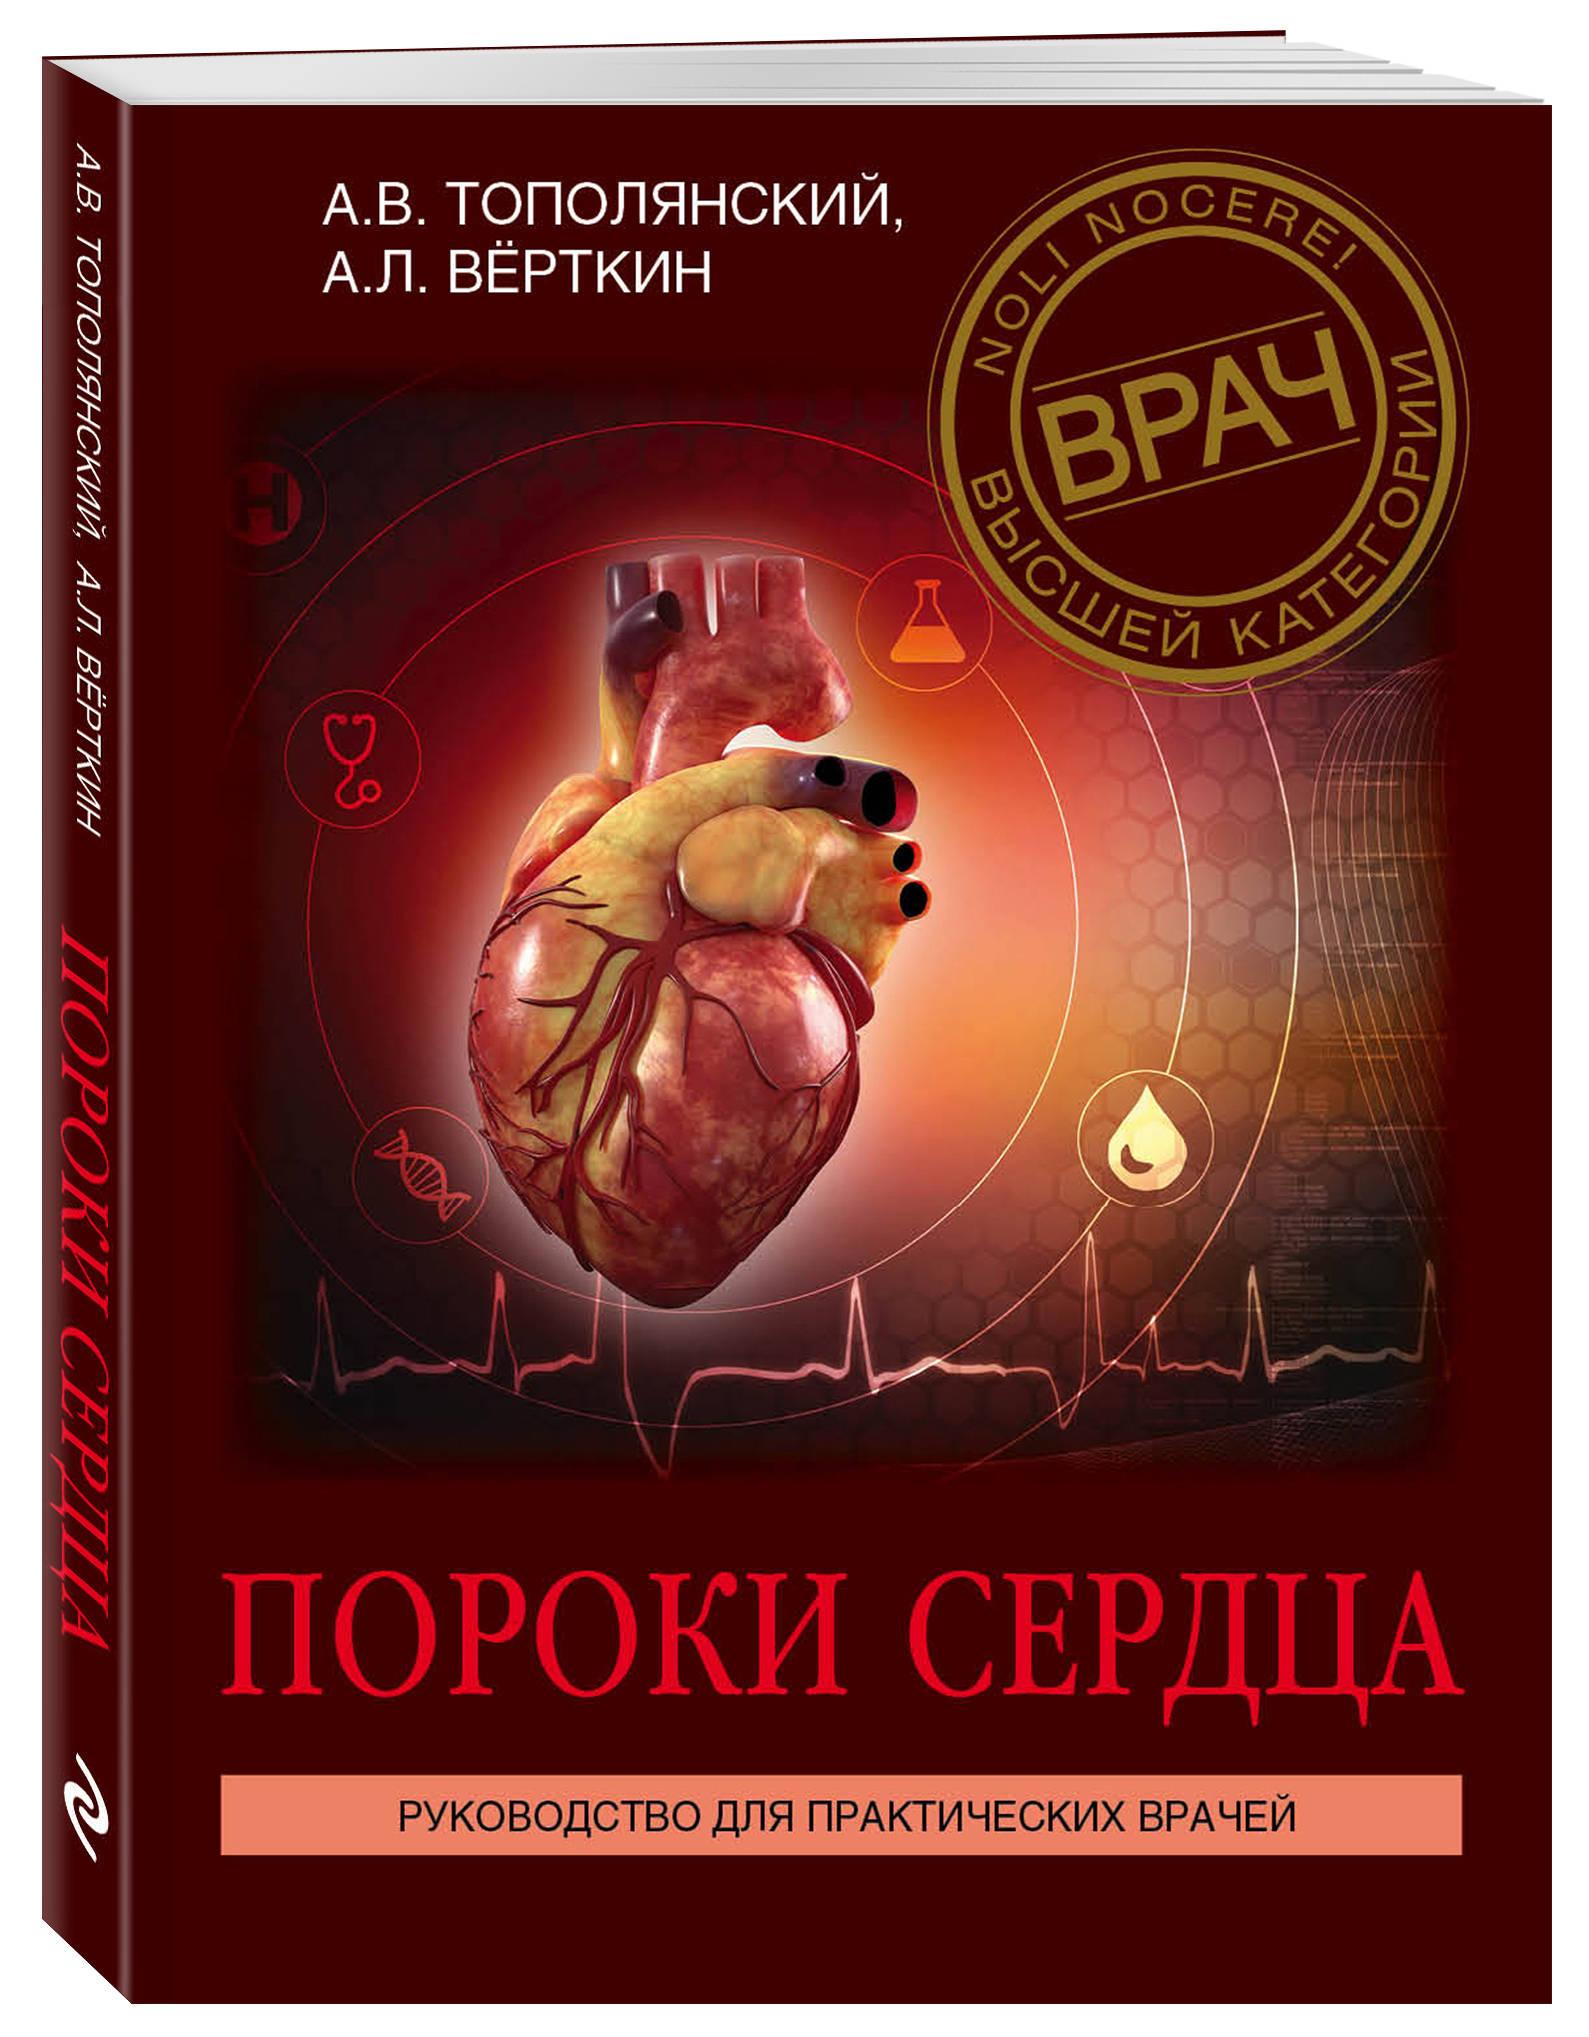 Пороки сердца. Руководство для практических врачей ( Вёрткин А.Л., Тополянский А.В.  )